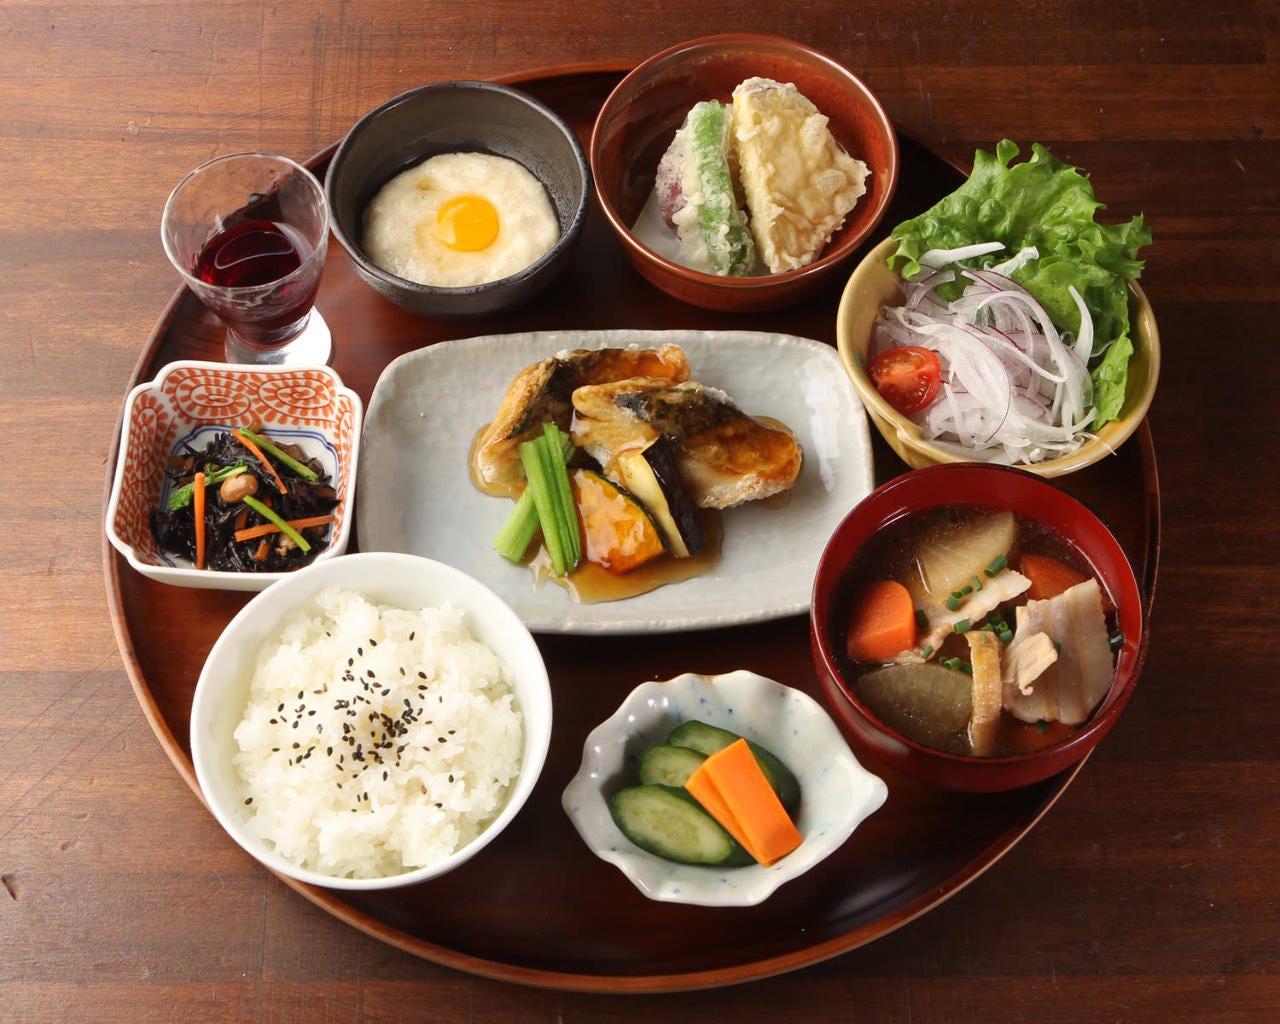 【おすすめ】健康バランス定食 1,380円